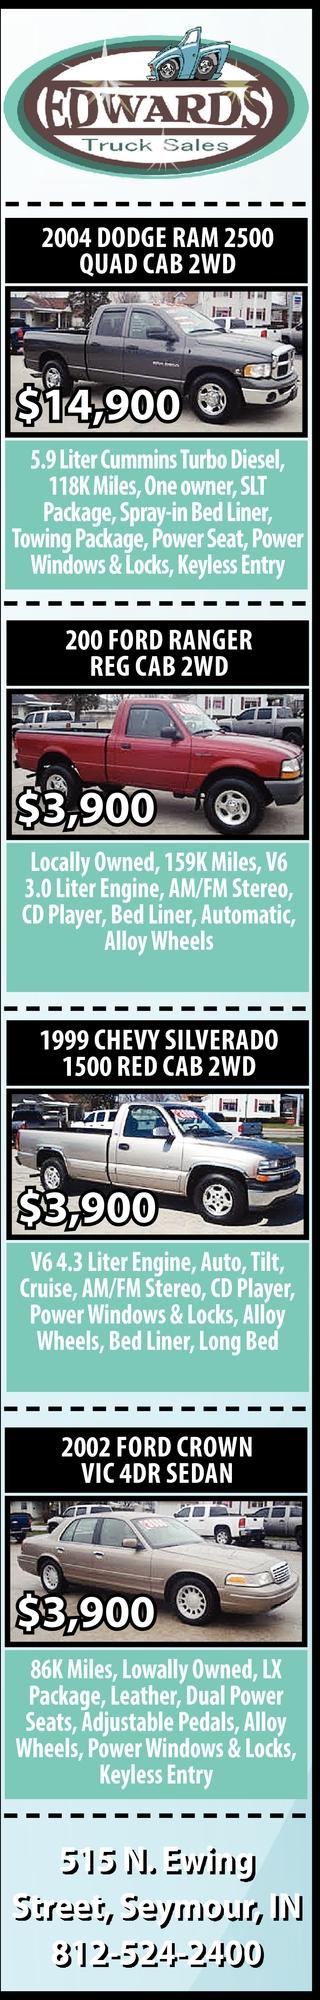 2004 Dodge Ram 2500 Quad Cab 2WD